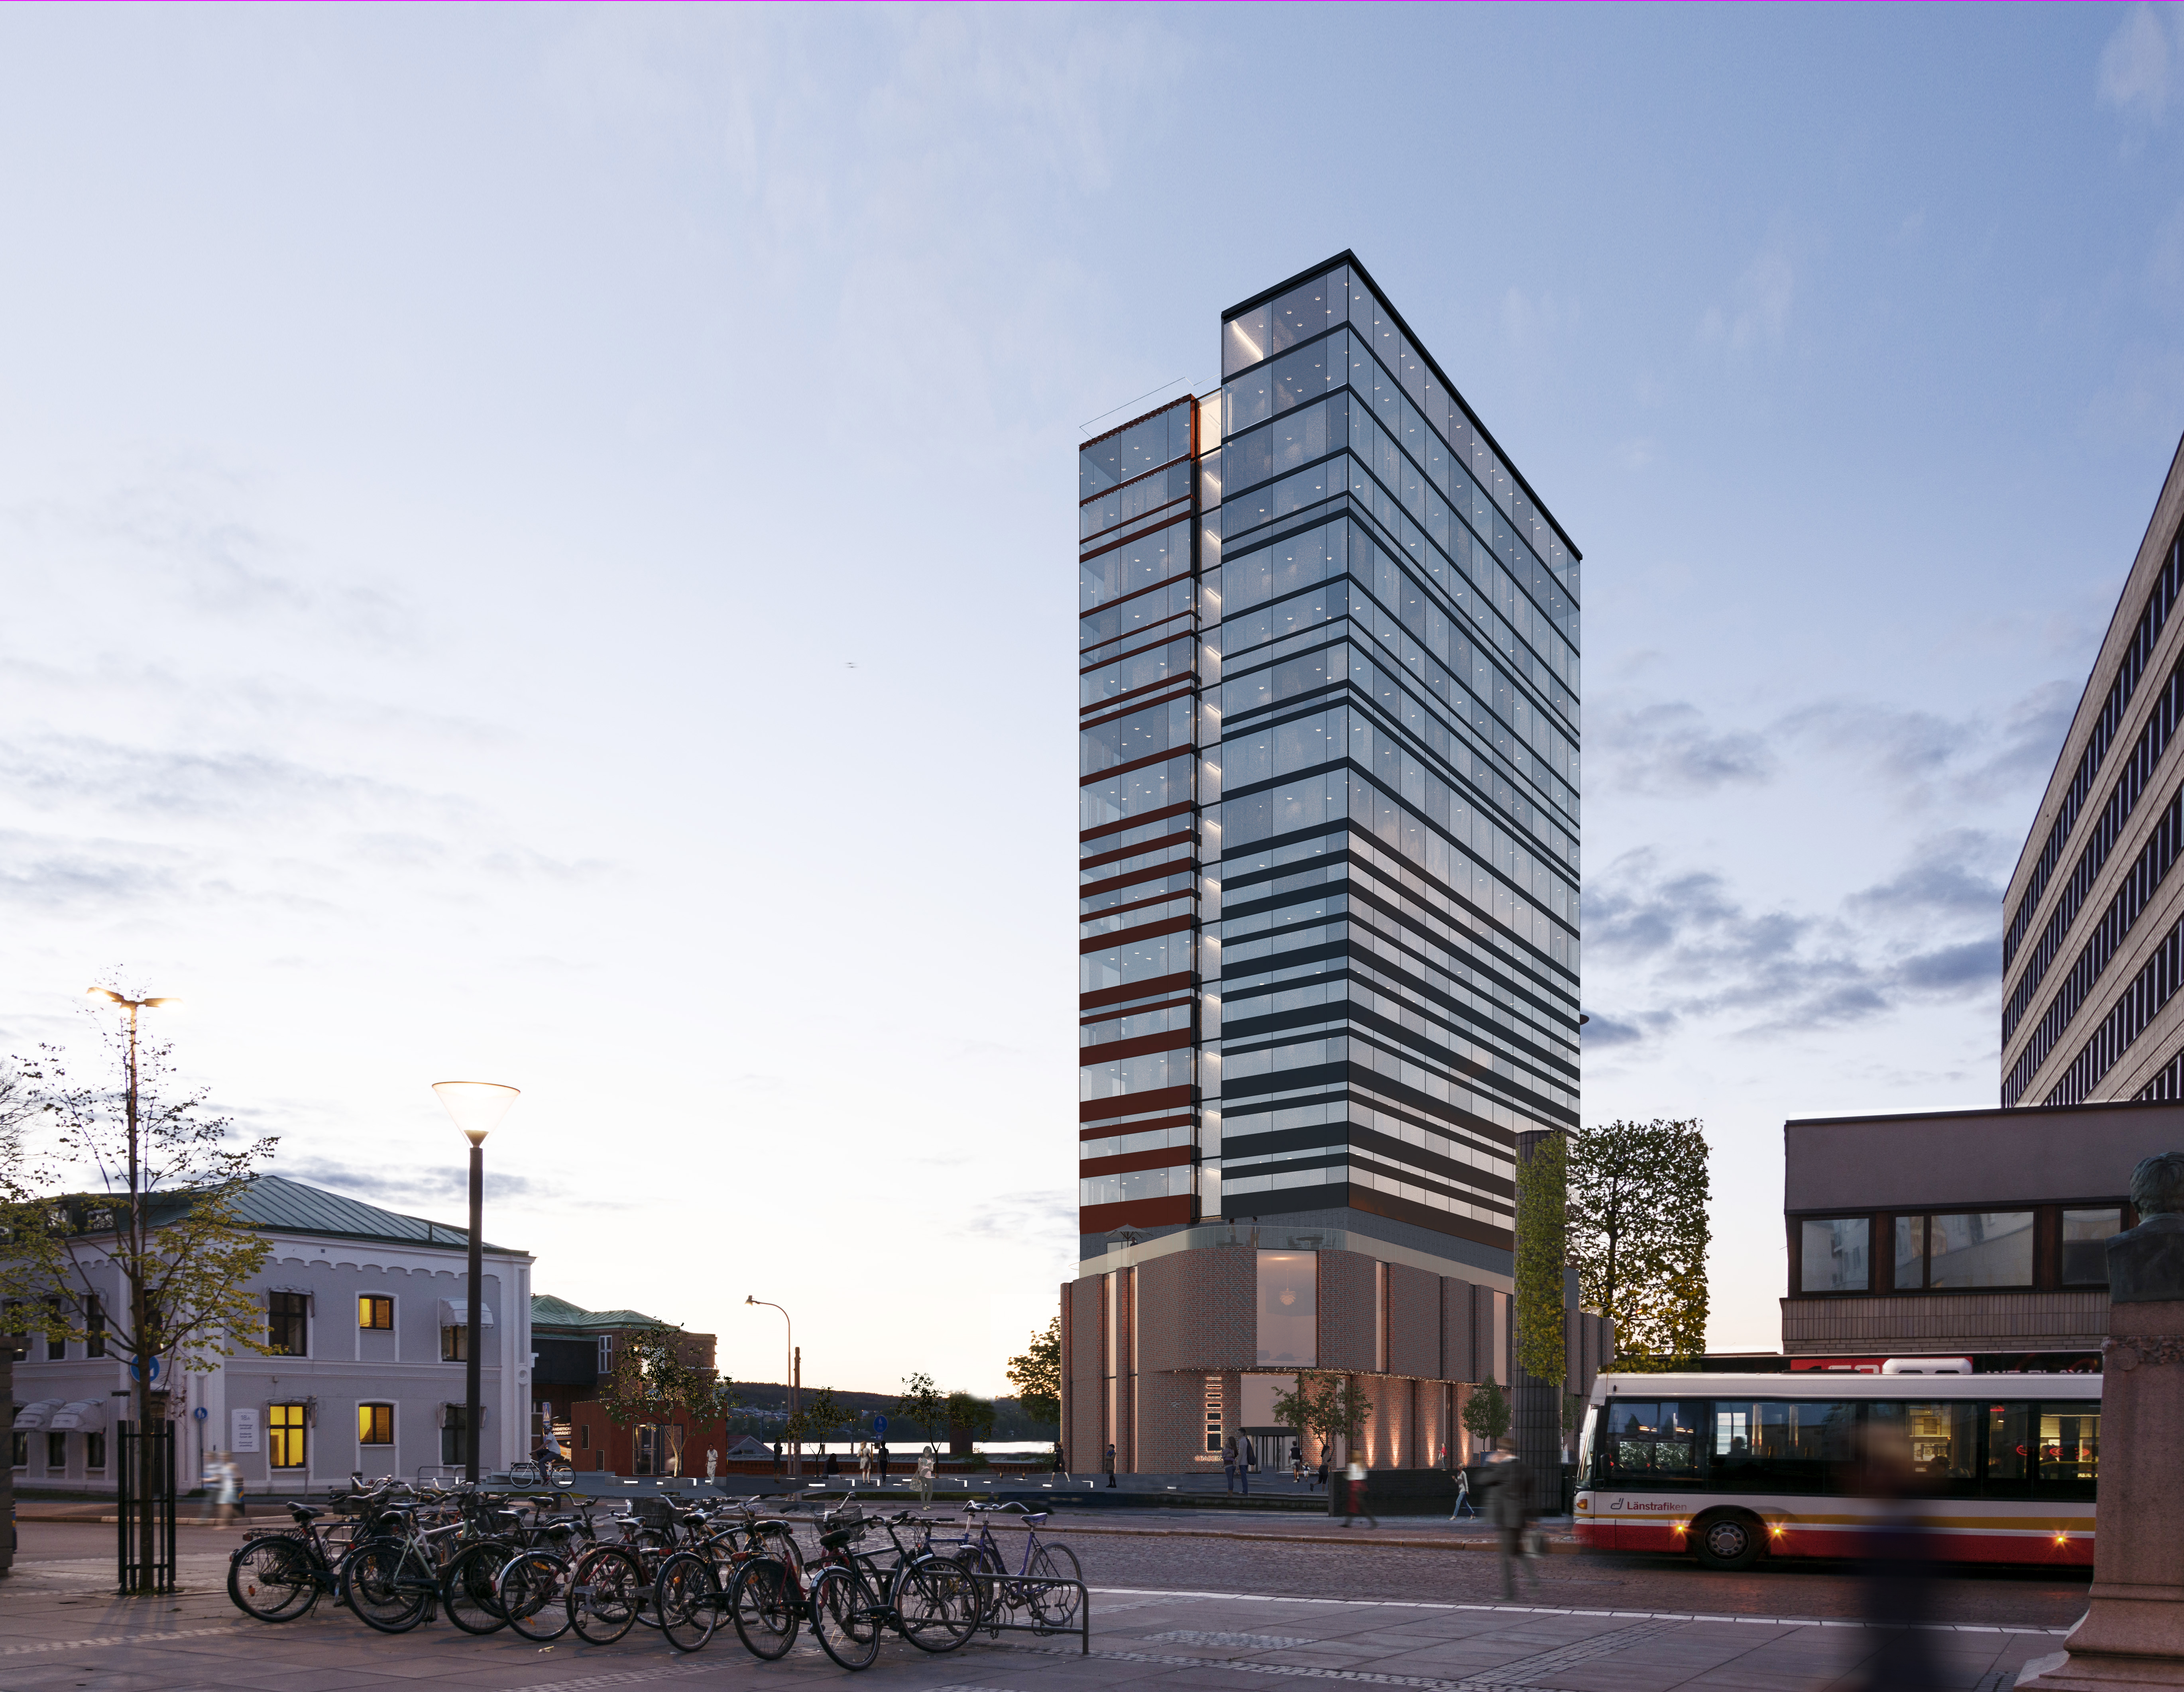 dominerande datum avsugning nära Jönköping